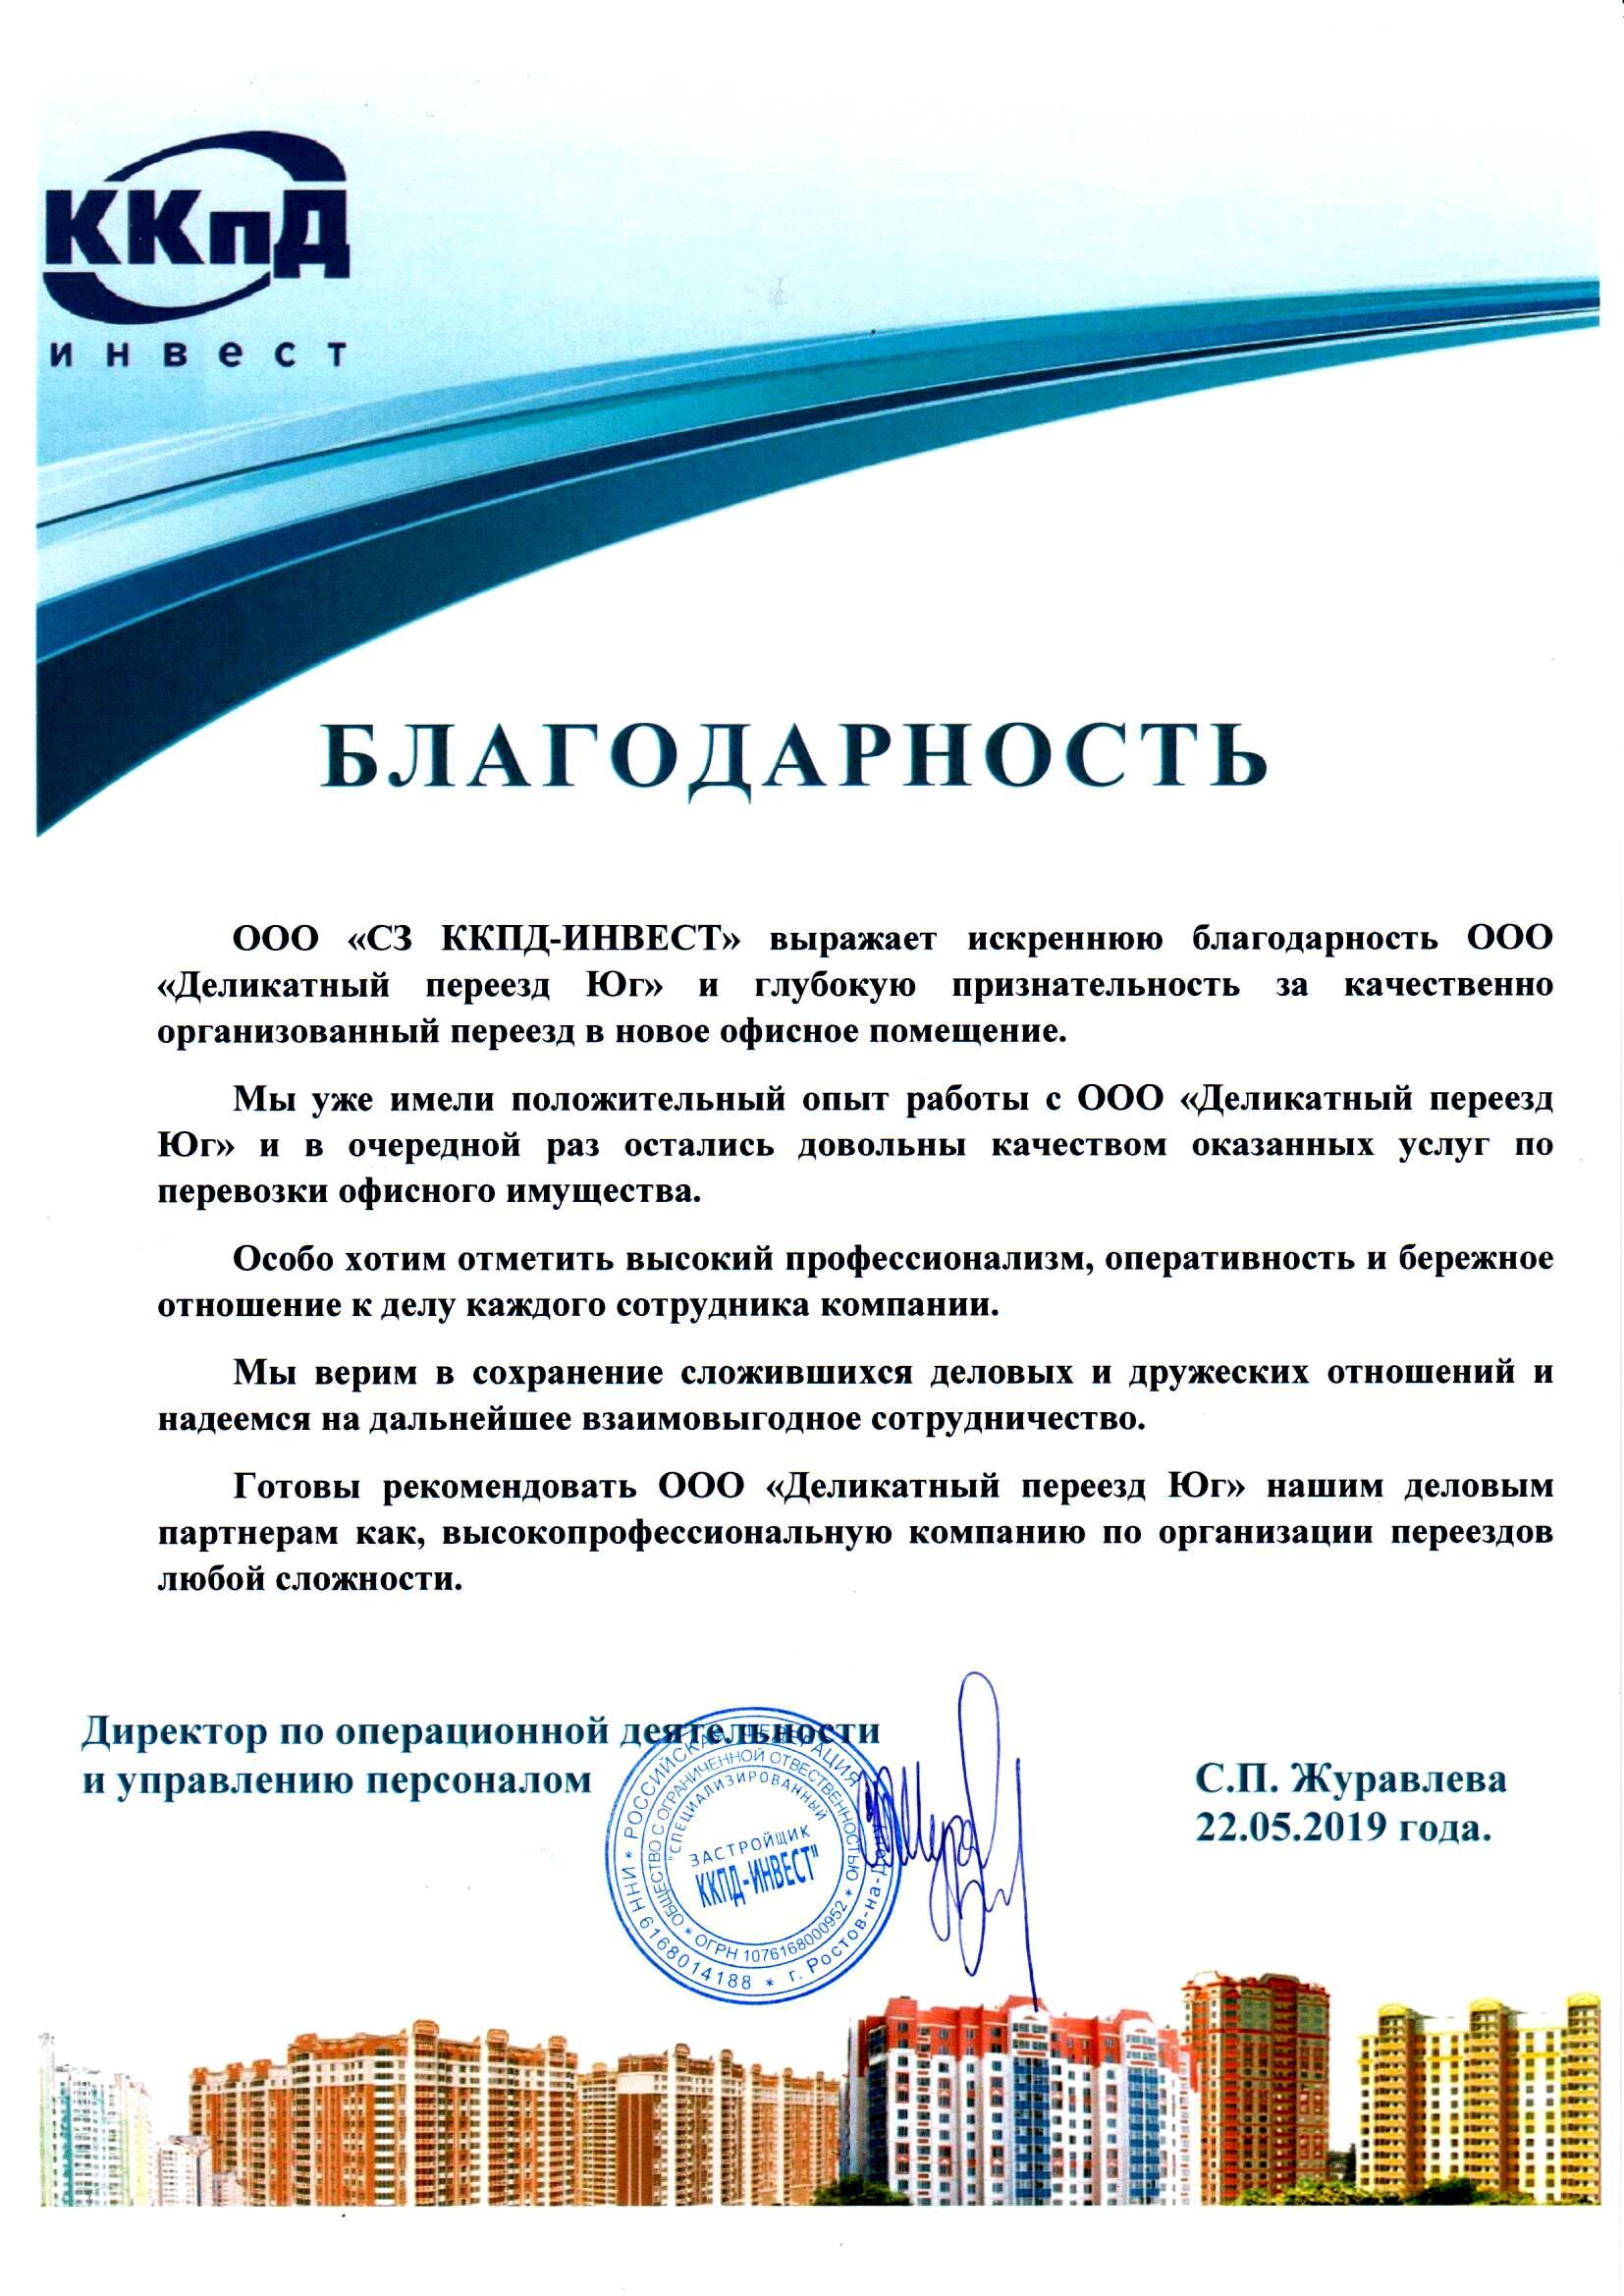 Благодарственное письмо от ООО «СЗ ККПД-ИНВЕСТ» в г. Ростов-на-Дону